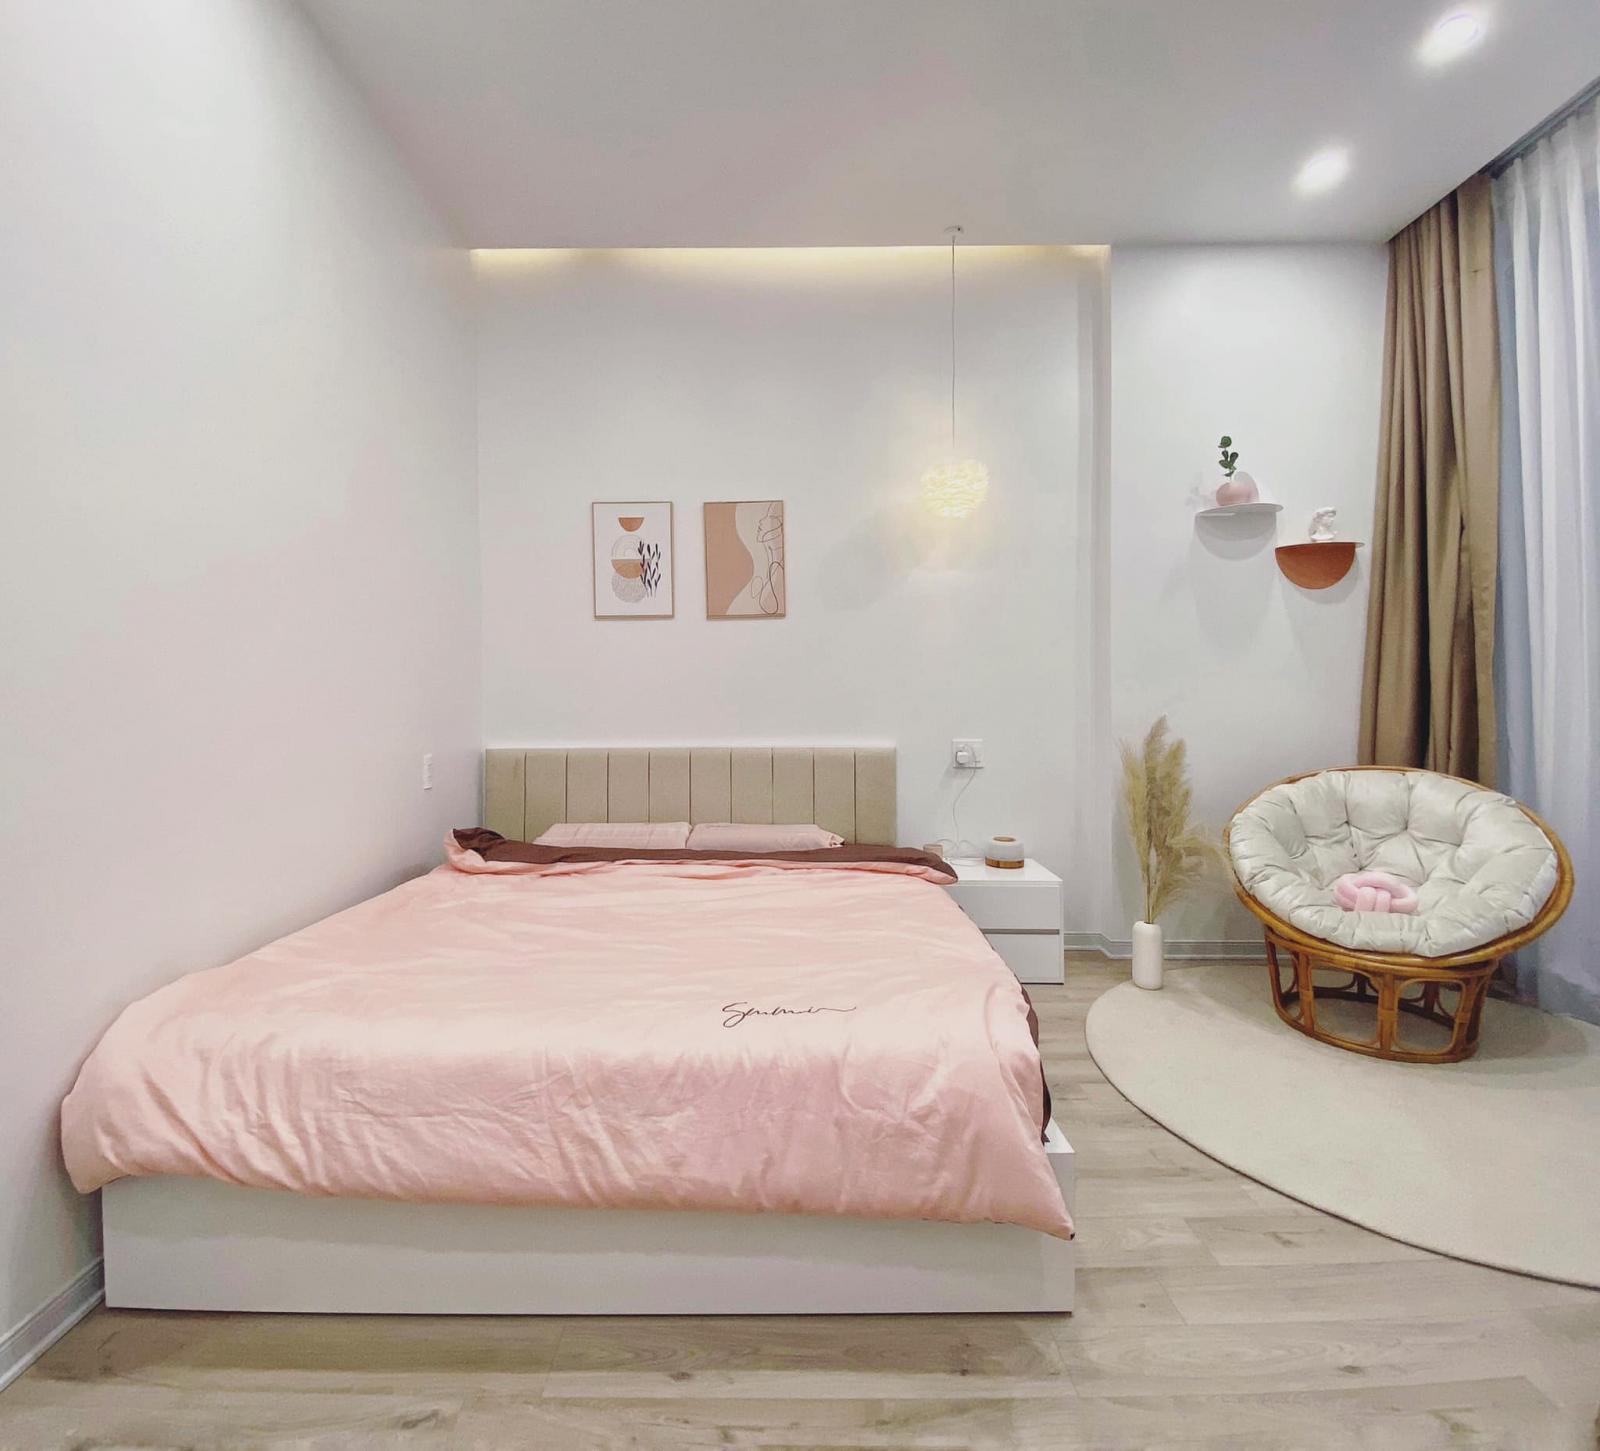 Phòng ngủ chính của hai vợ chồng ở tầng 2.